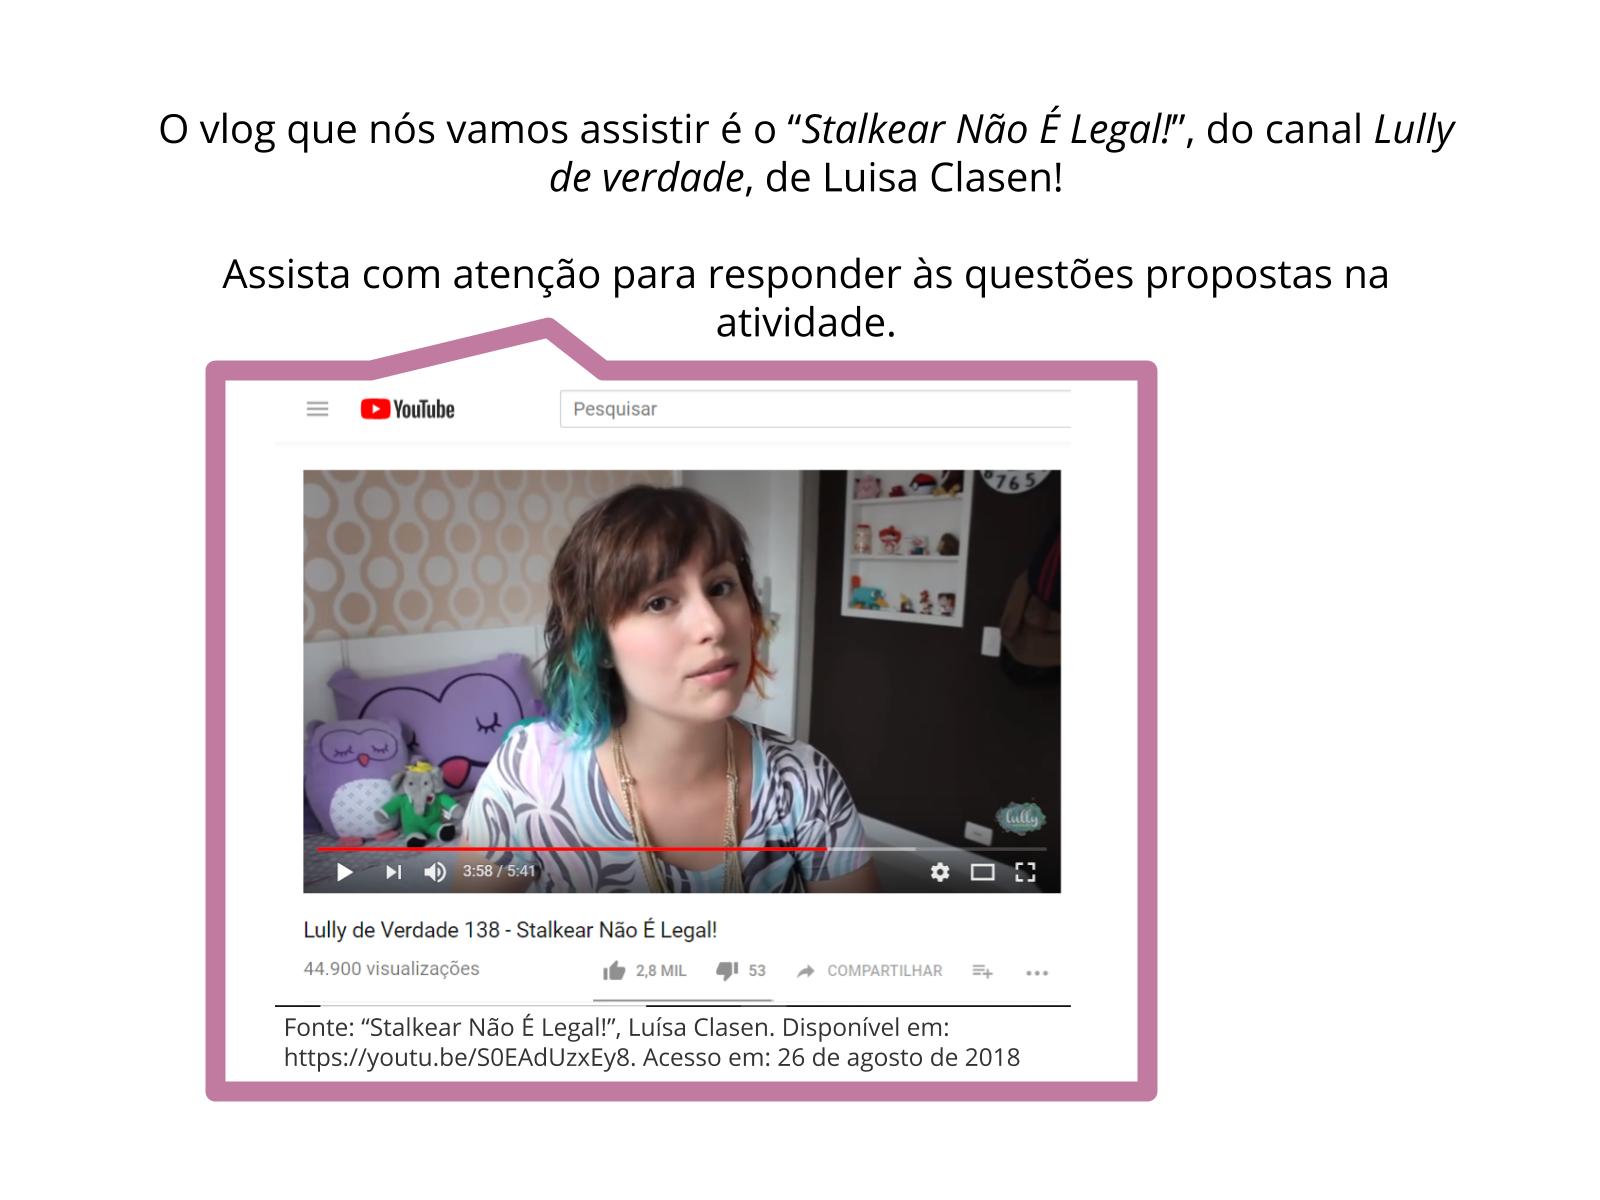 Vlog como corpus para identificação de estrangeirismos incorporados ao léxico da língua portuguesa